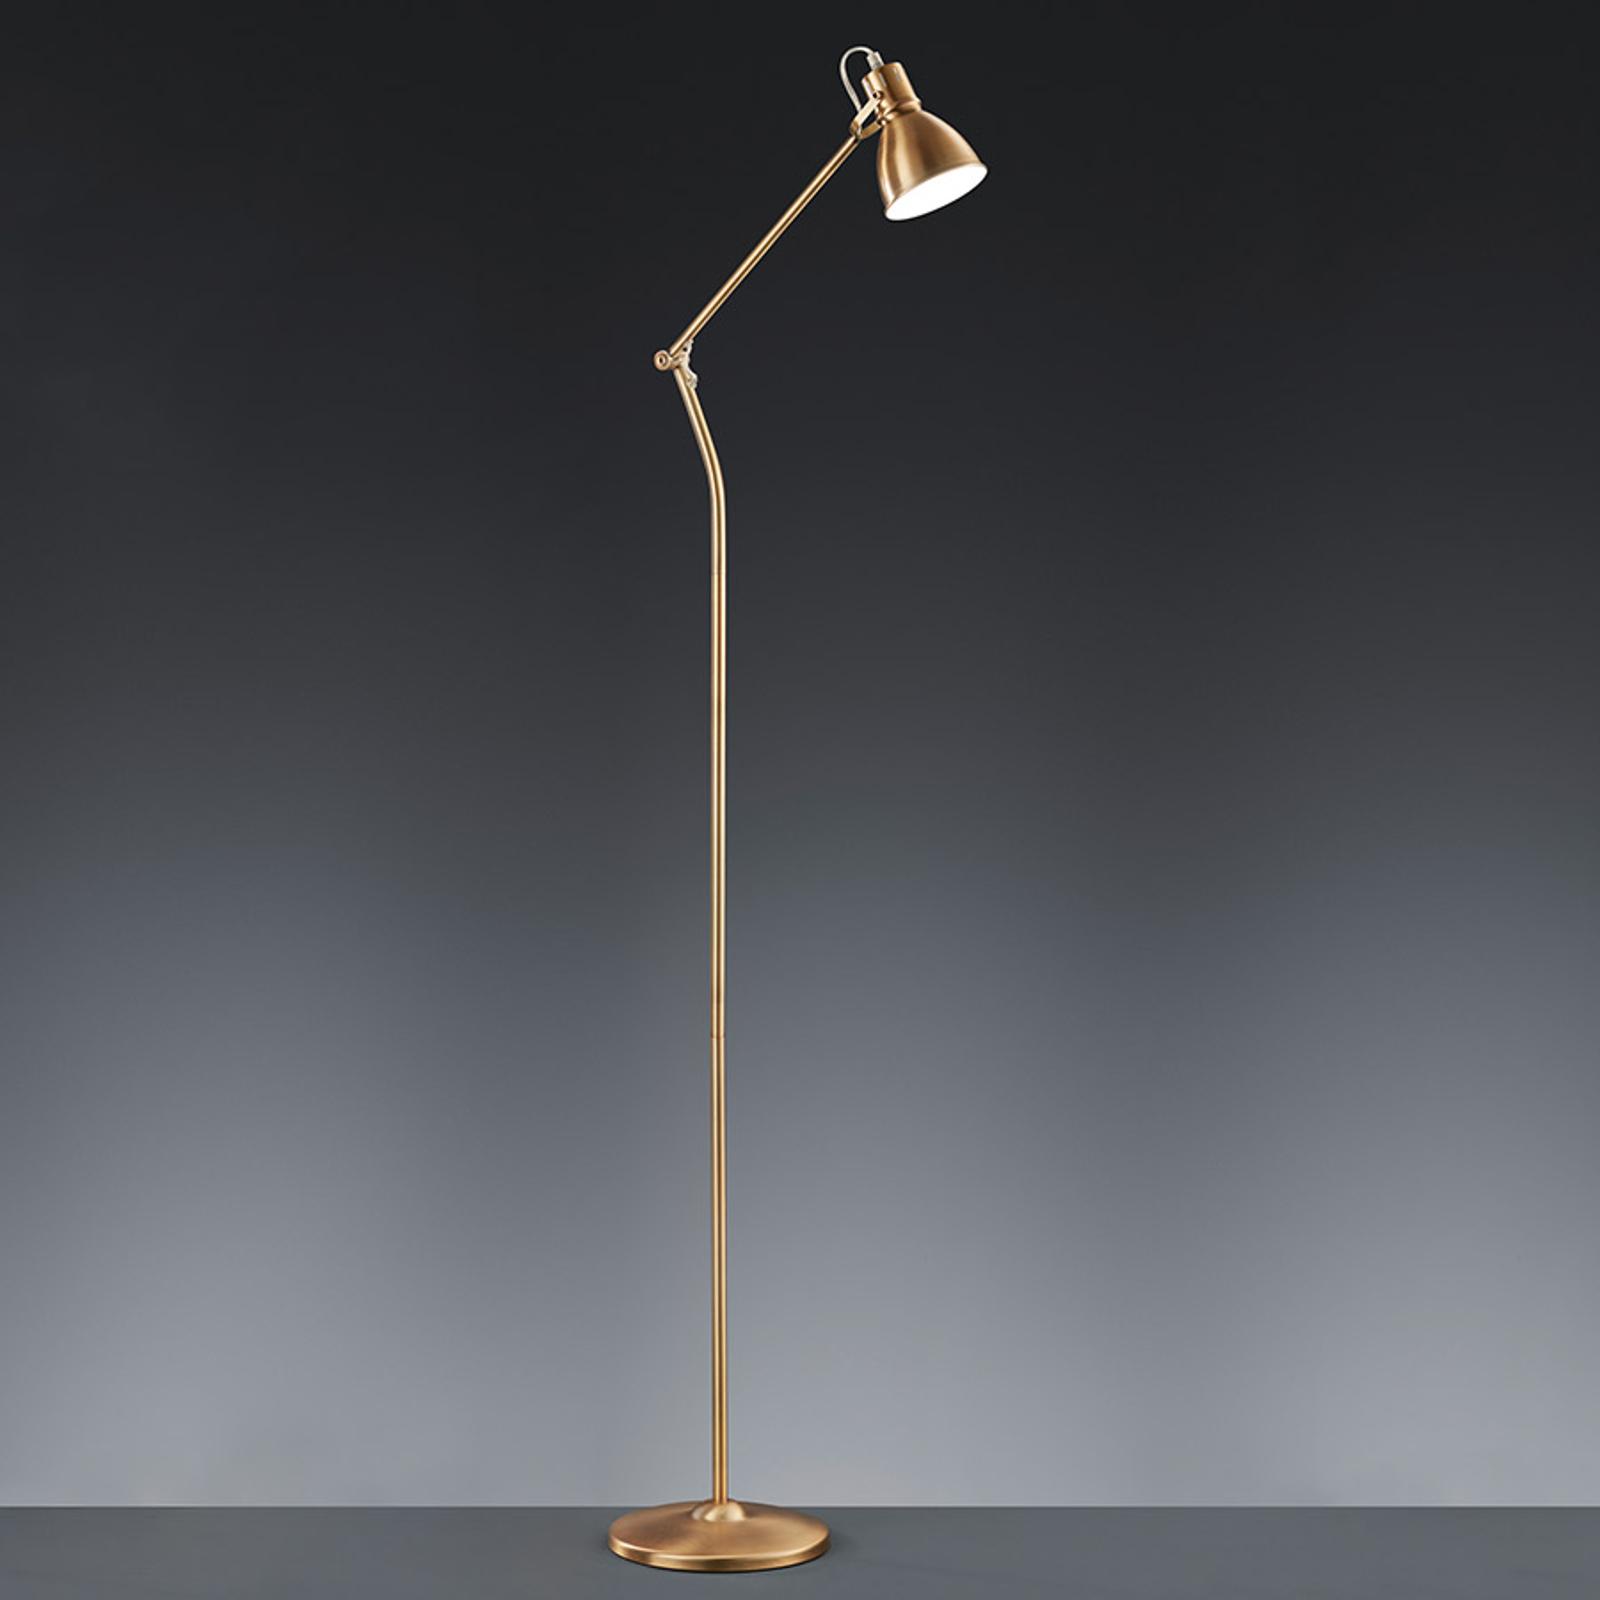 Lampa stojąca Keali - mosiądz antyczny